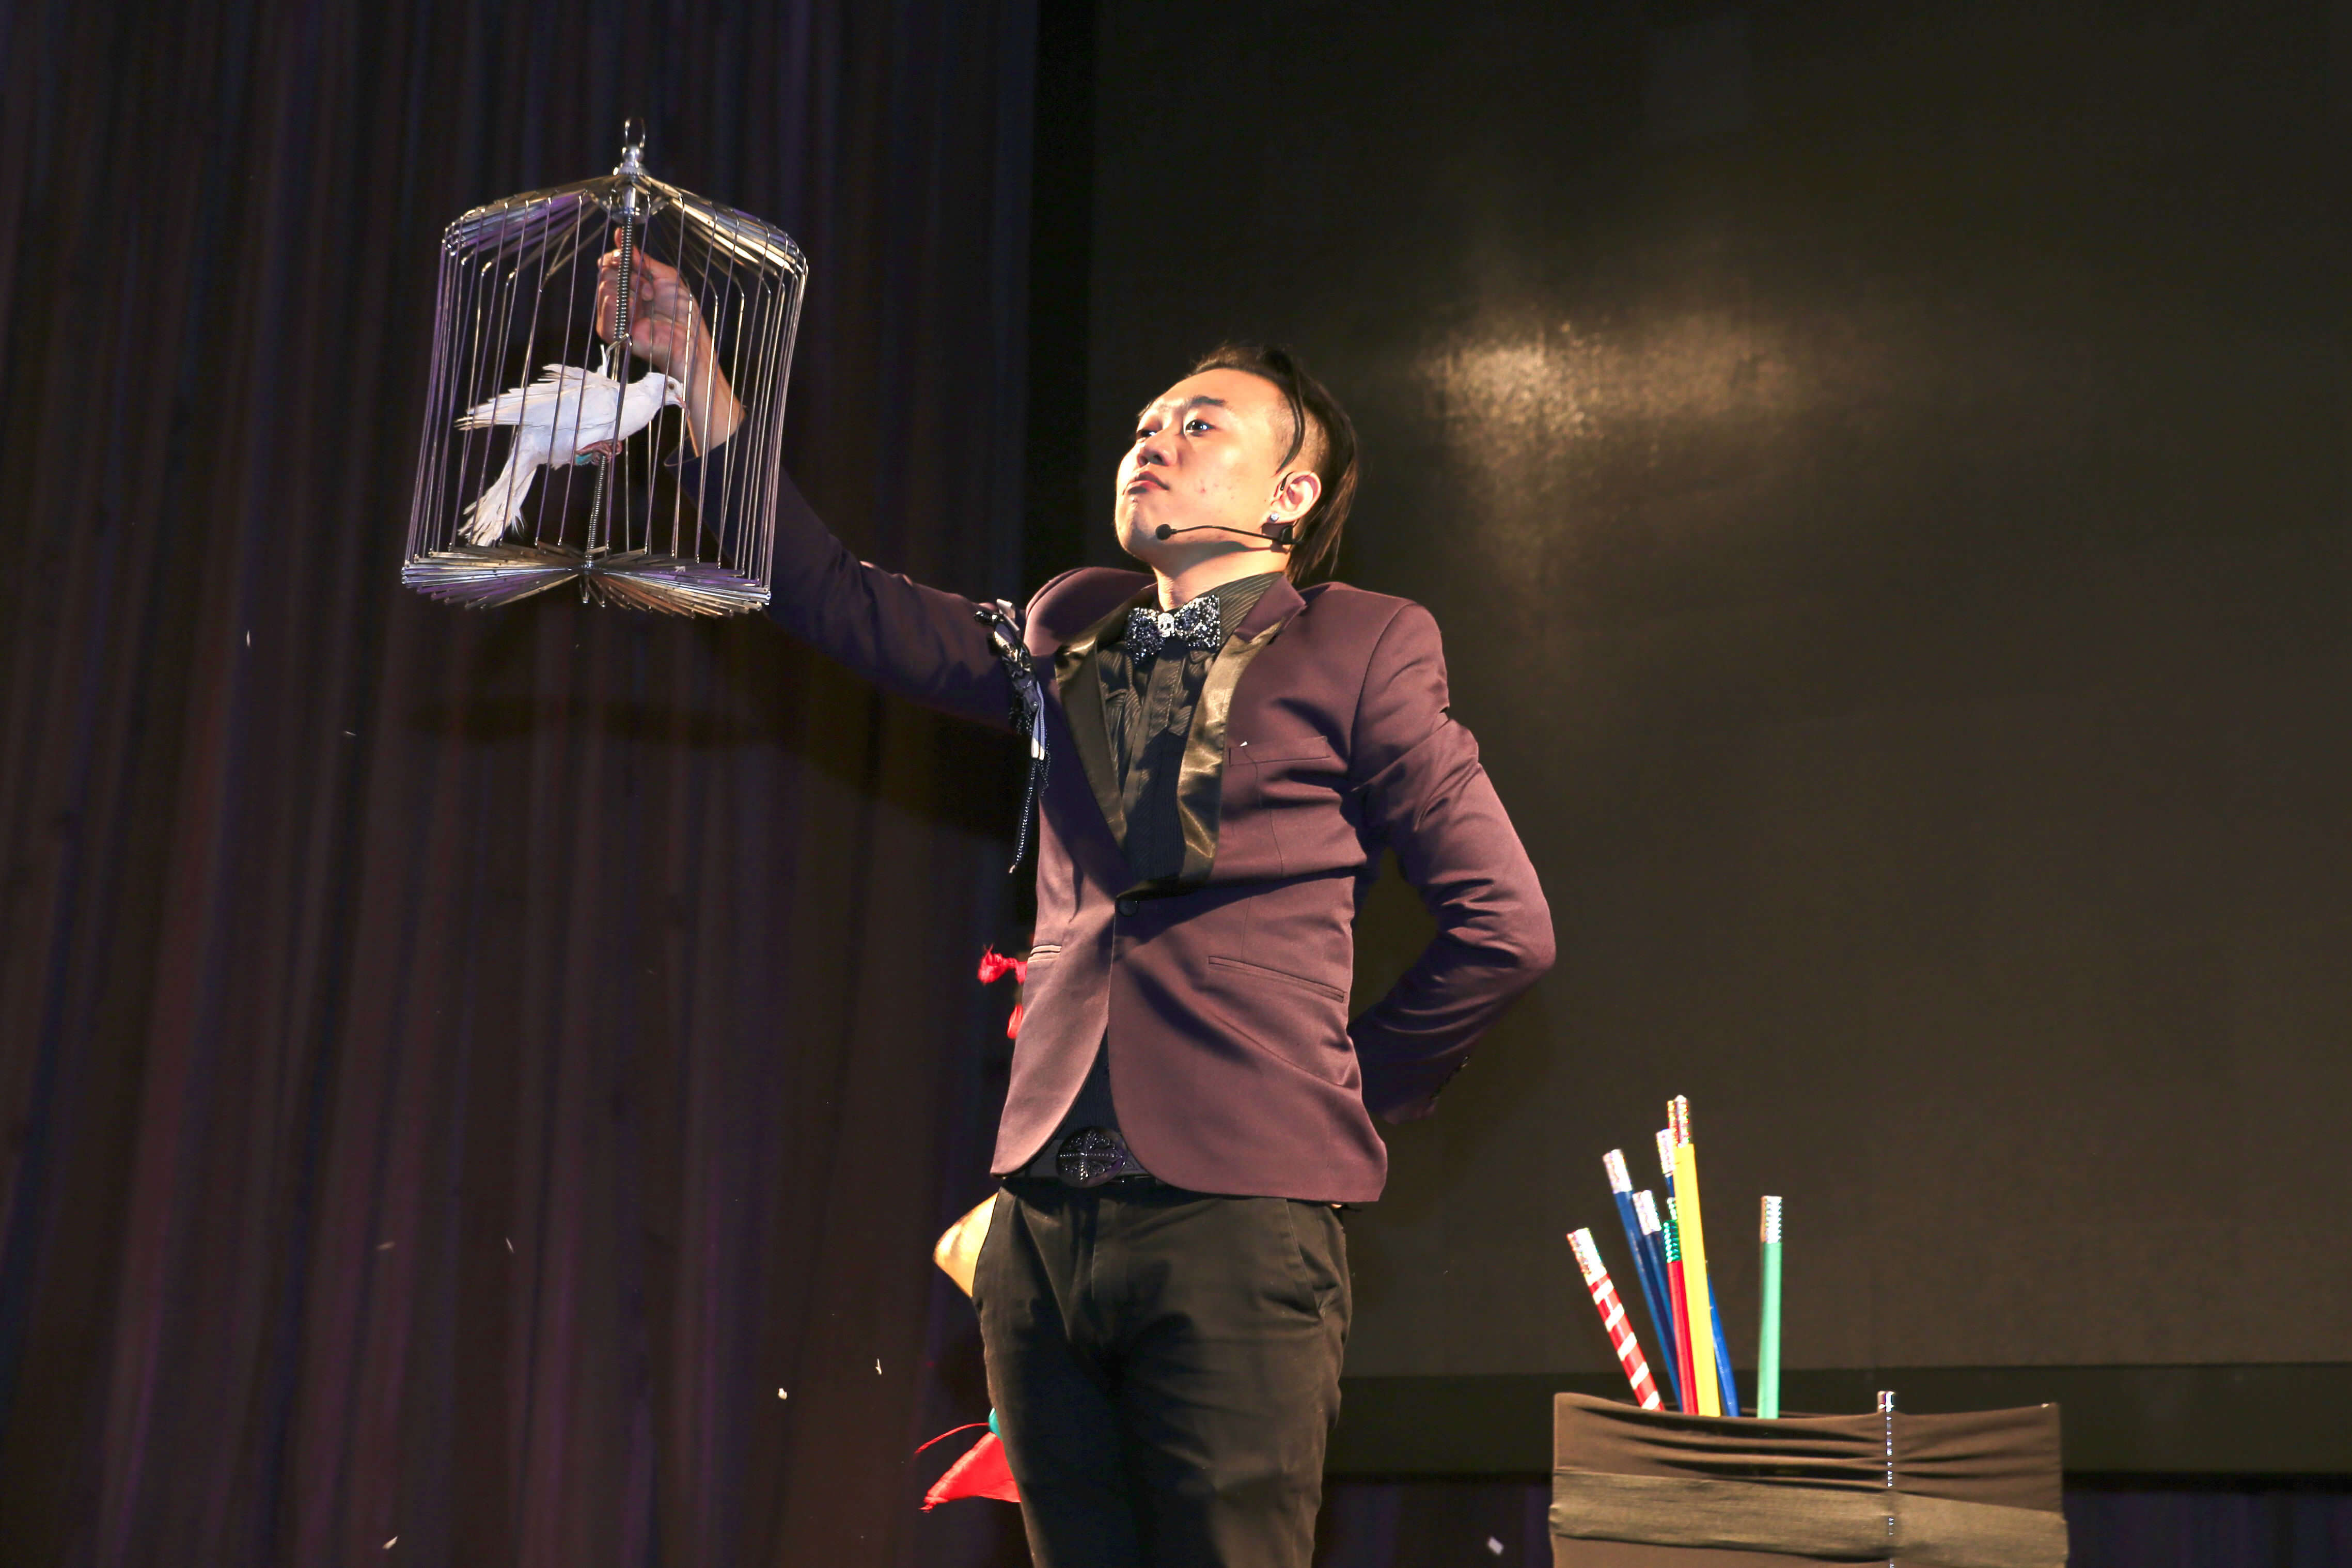 尾牙晚宴怎麼能少了帥氣魔術表演呢?魔術師帥氣開場~變出鴿子就是霸氣,開場表演獲得滿堂彩~揭開活動序幕,上台互動也是很重要的一環,魔術師會帶來什麼逗趣互動呢?